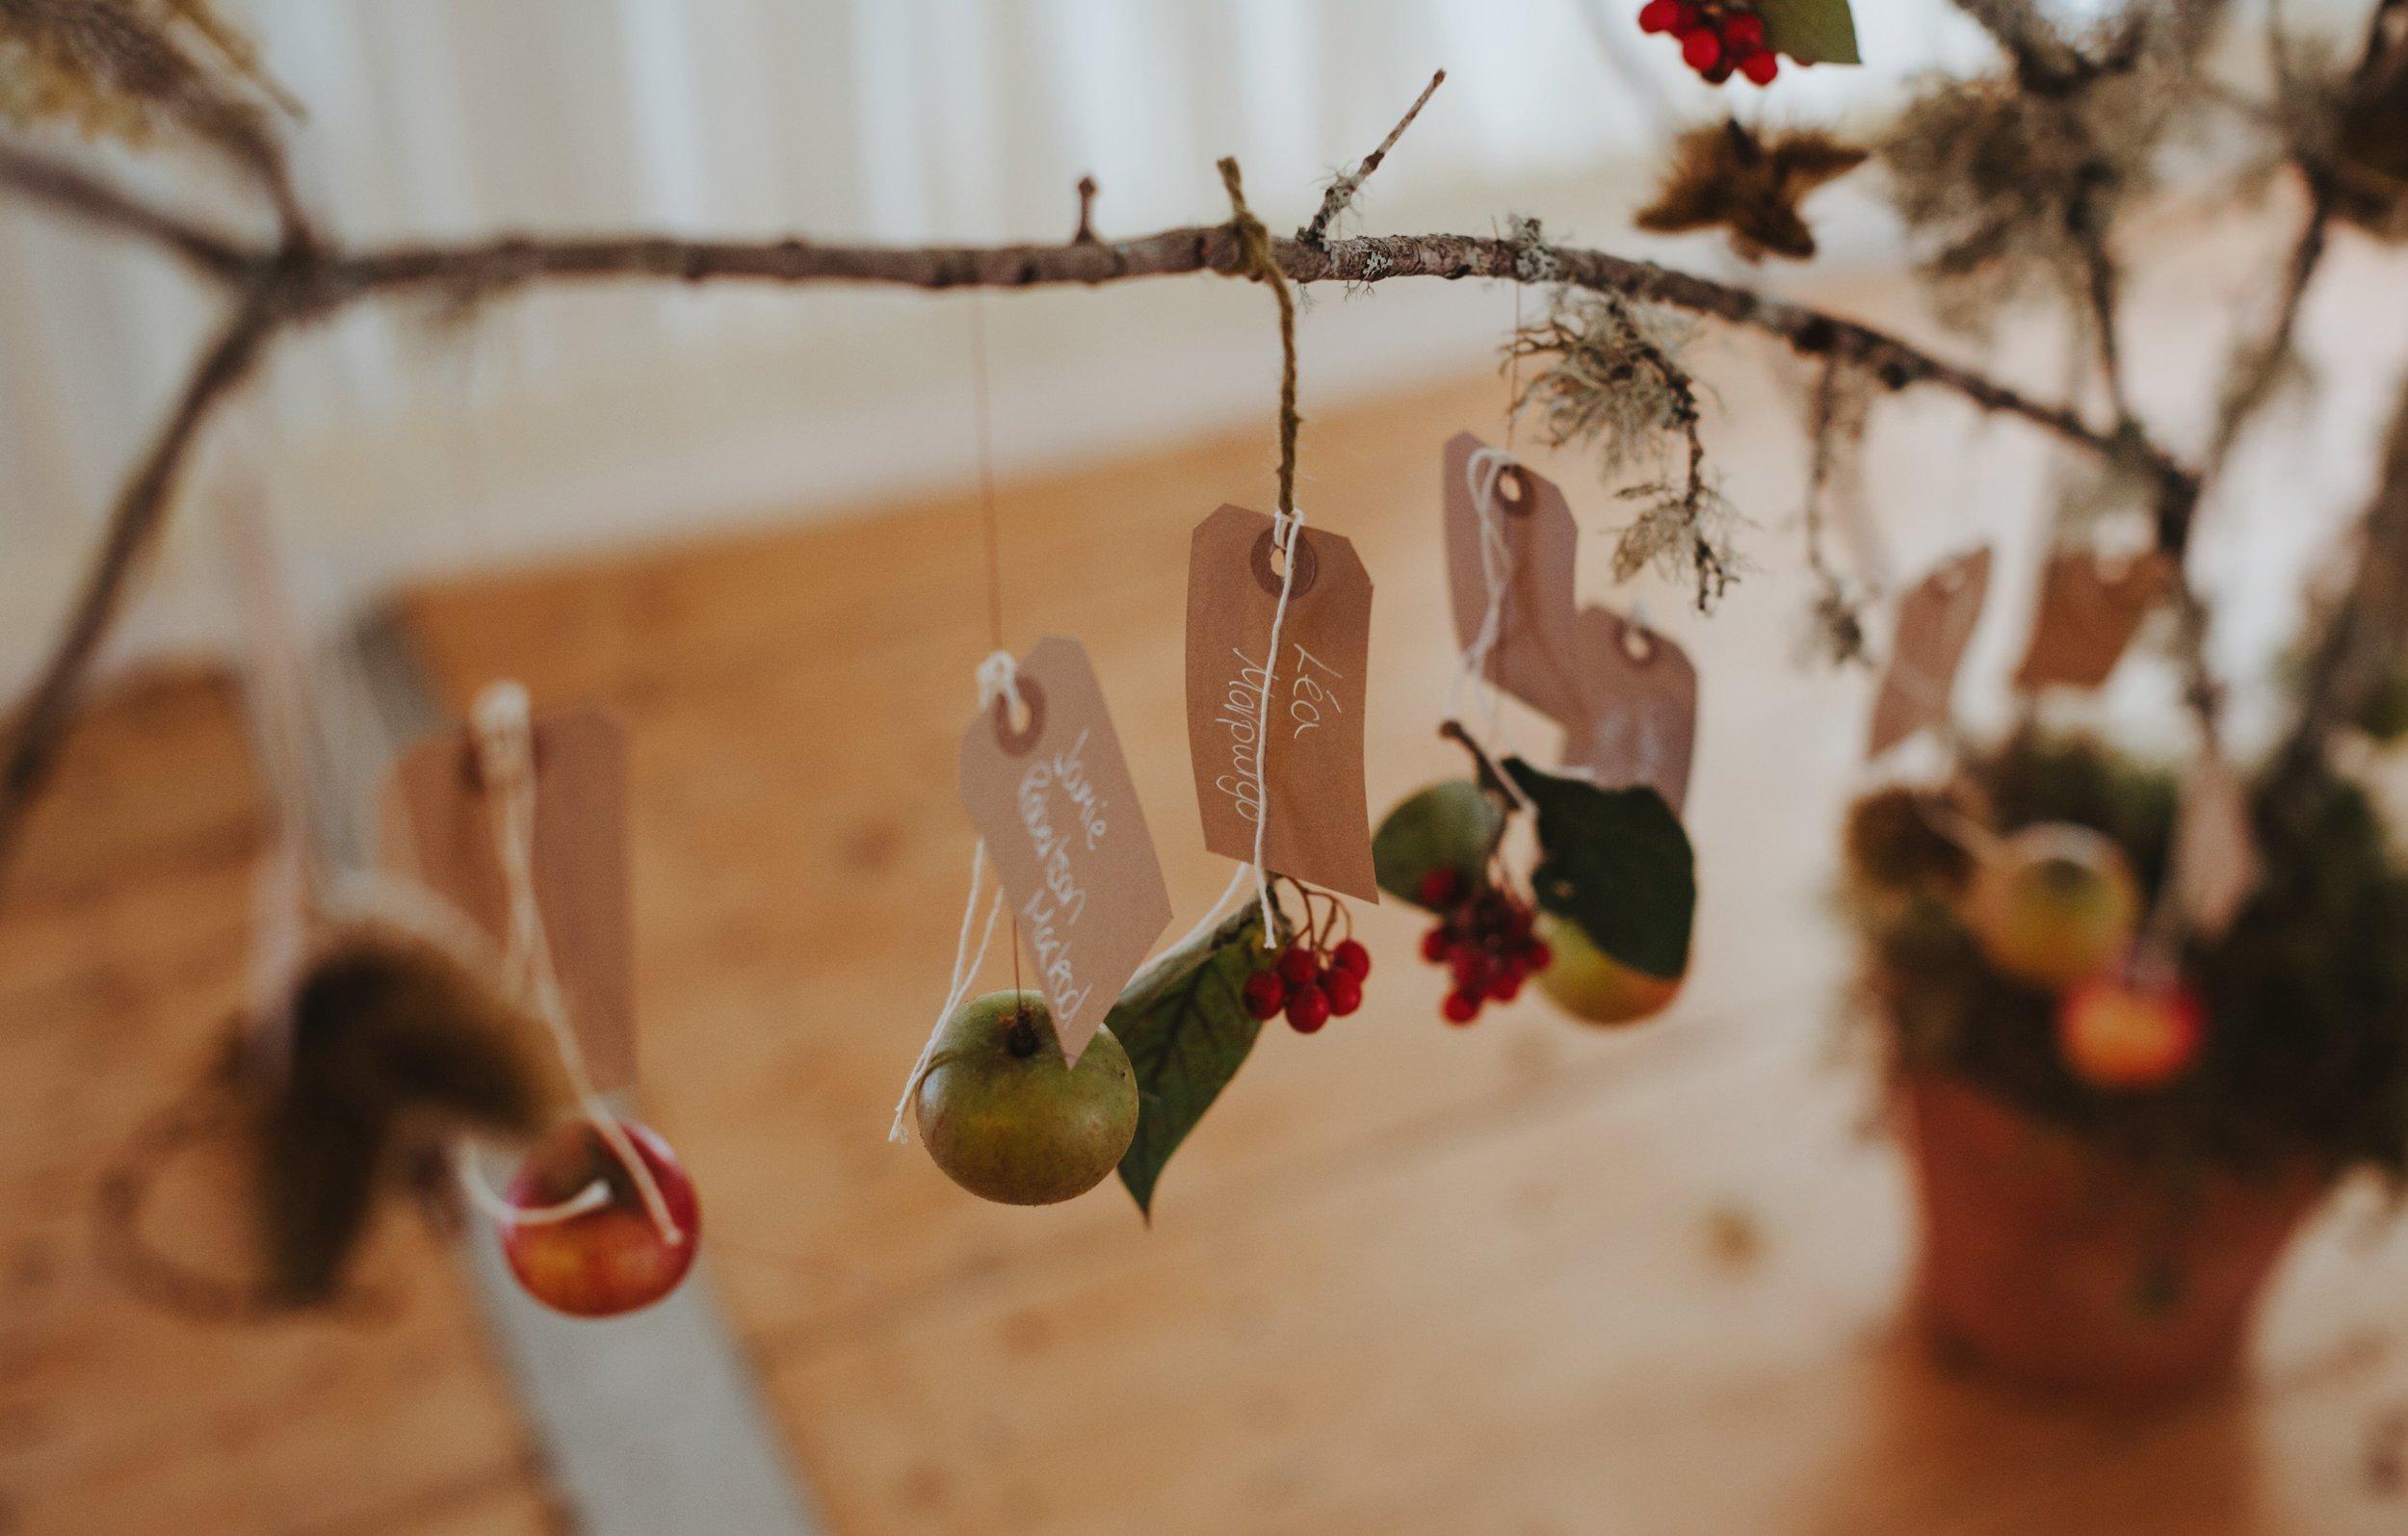 adelaides-secret-garden-wedding-flowers-emma-tristan